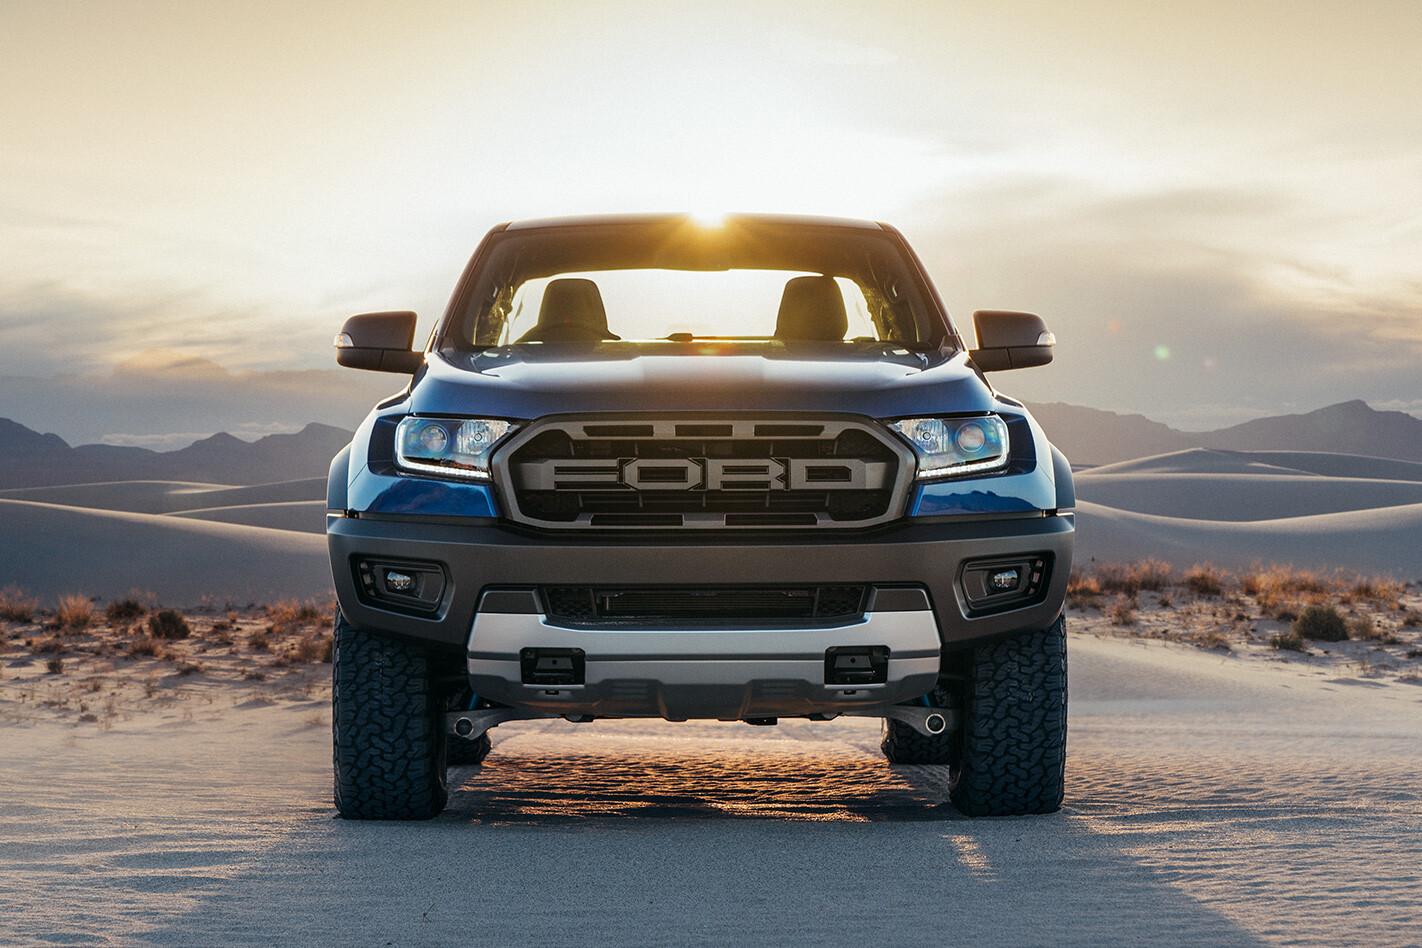 Ford Ranger Raptor Front On Jpg